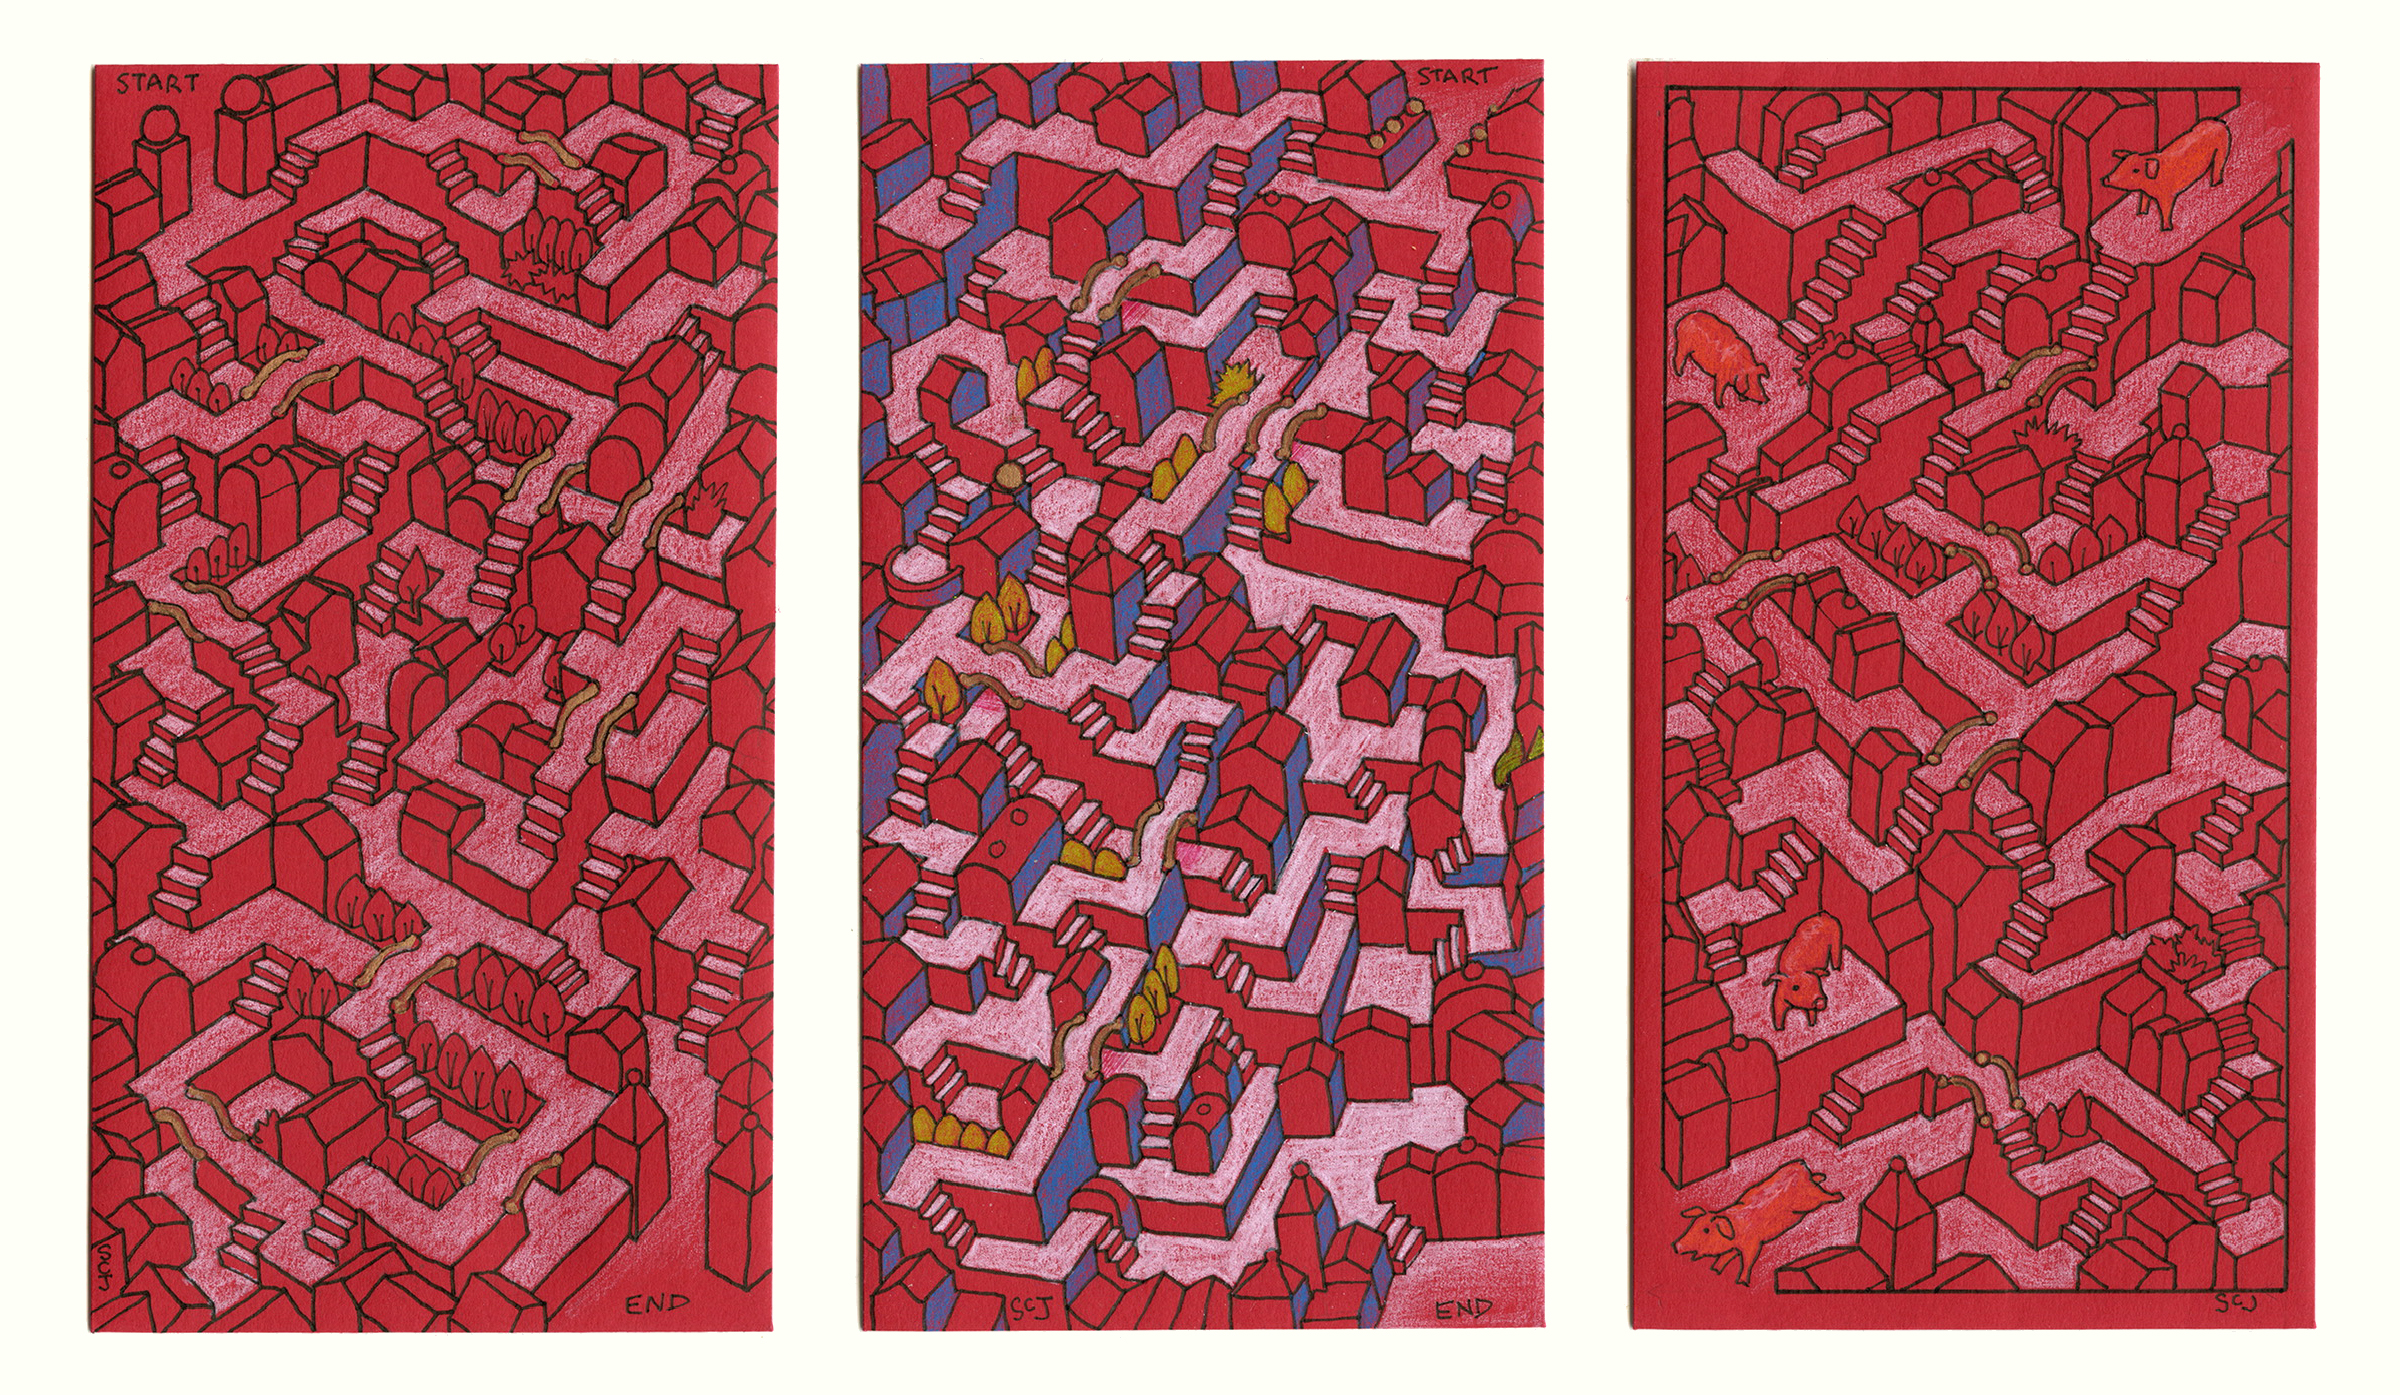 Red Envelope, 01, 02, 03